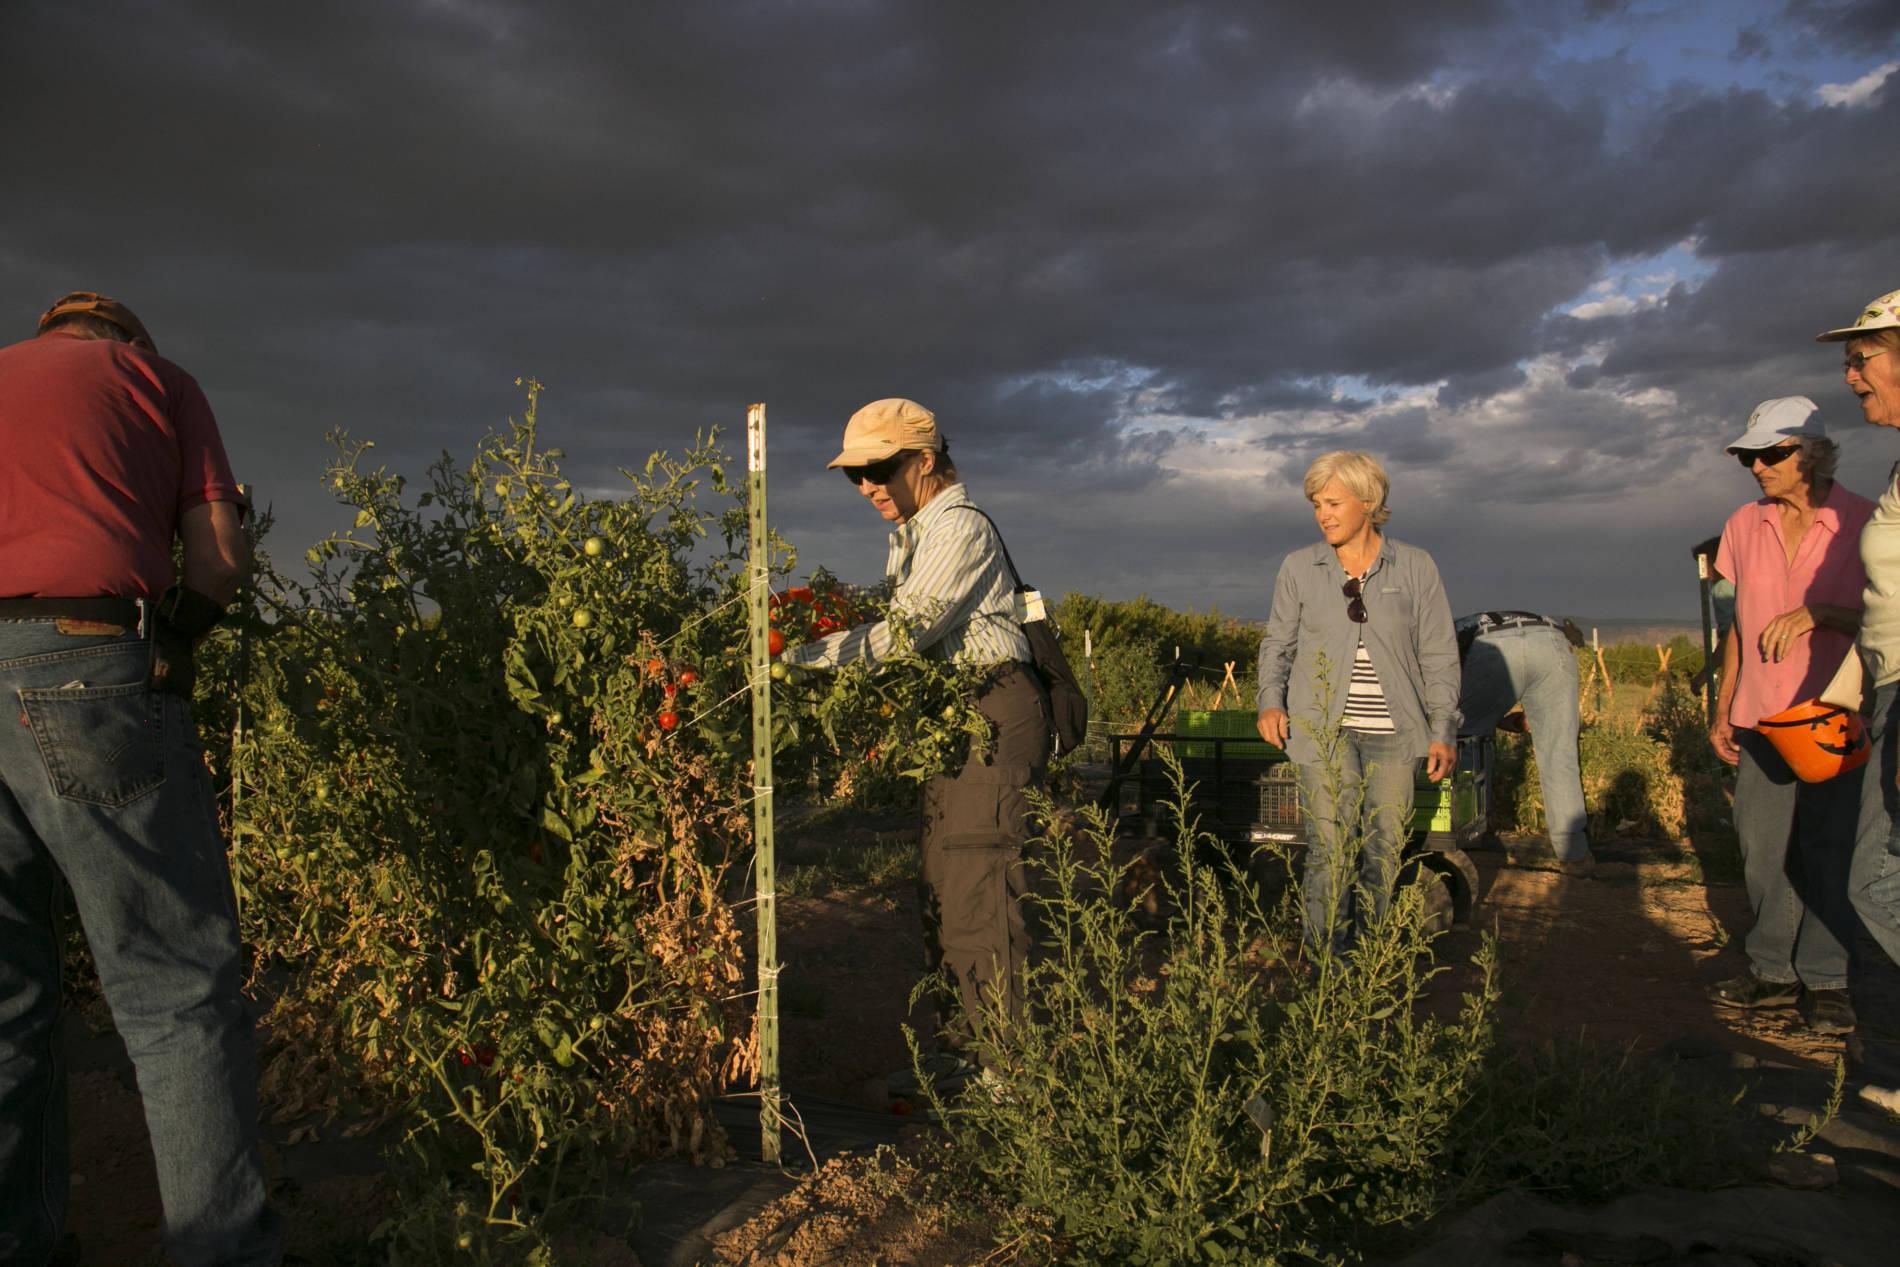 People harvesting food in field